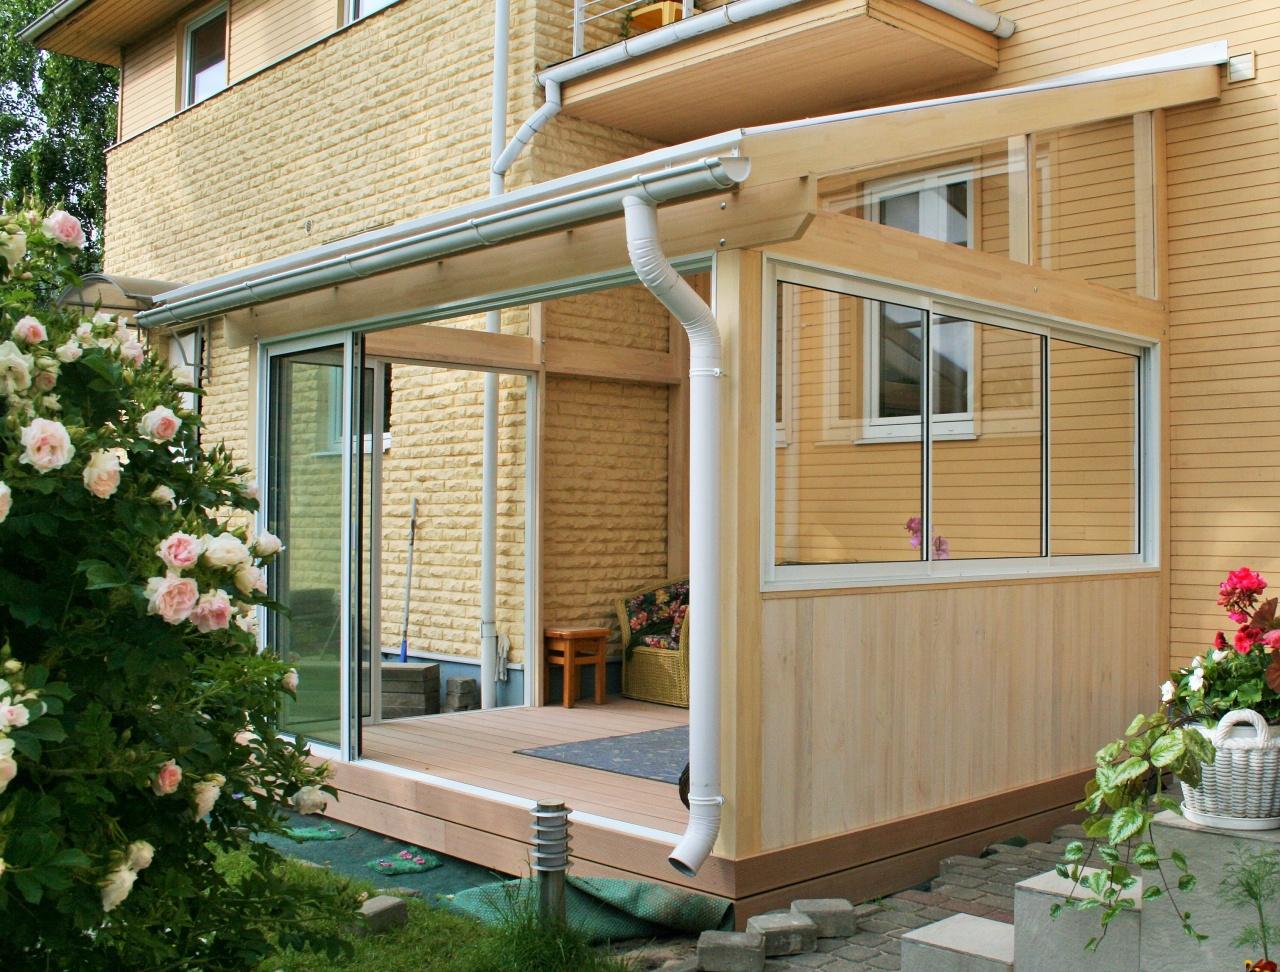 фото крыльцо с балконом для частного дома фото идея заключалась том